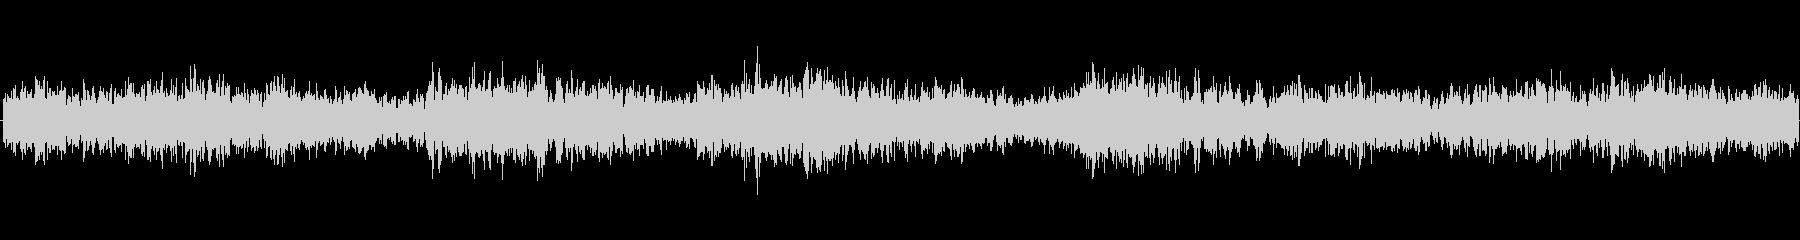 ホラー 煉獄のカオス01の未再生の波形